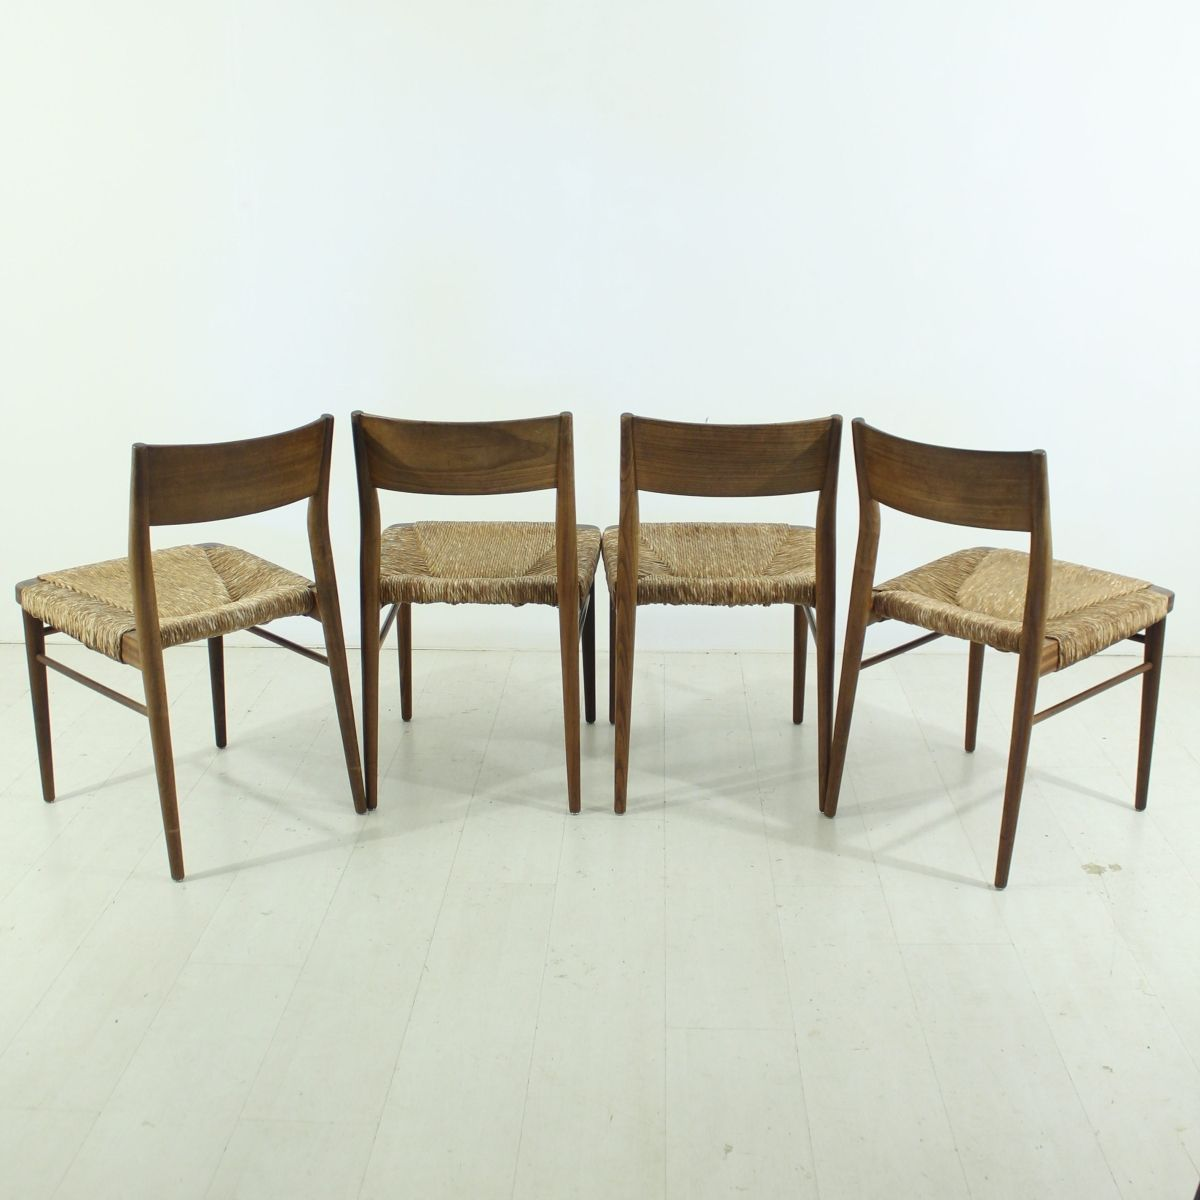 d nische vintage teak st hle 4er set bei pamono kaufen. Black Bedroom Furniture Sets. Home Design Ideas